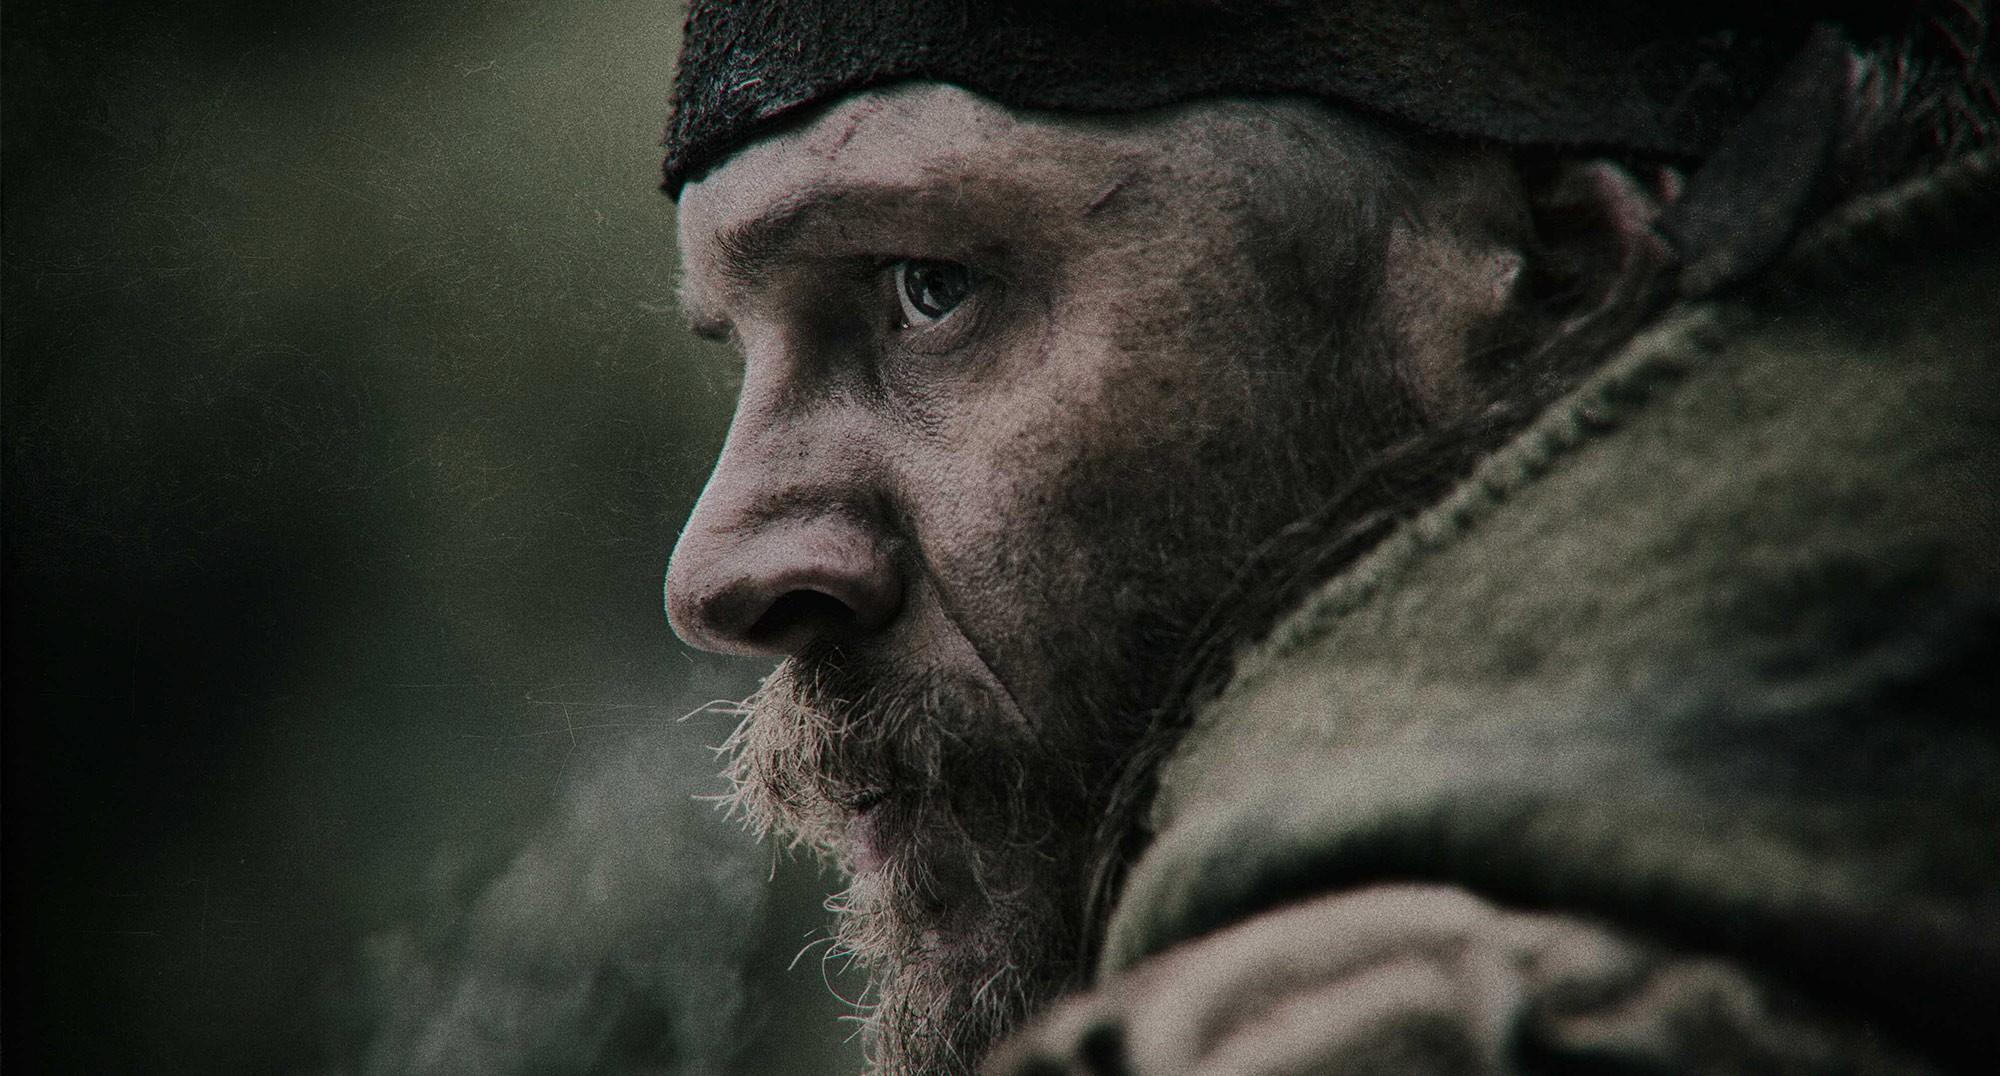 «Выживший Смотреть Онлайн Фильм Леонардо Ди Каприо» — 2011